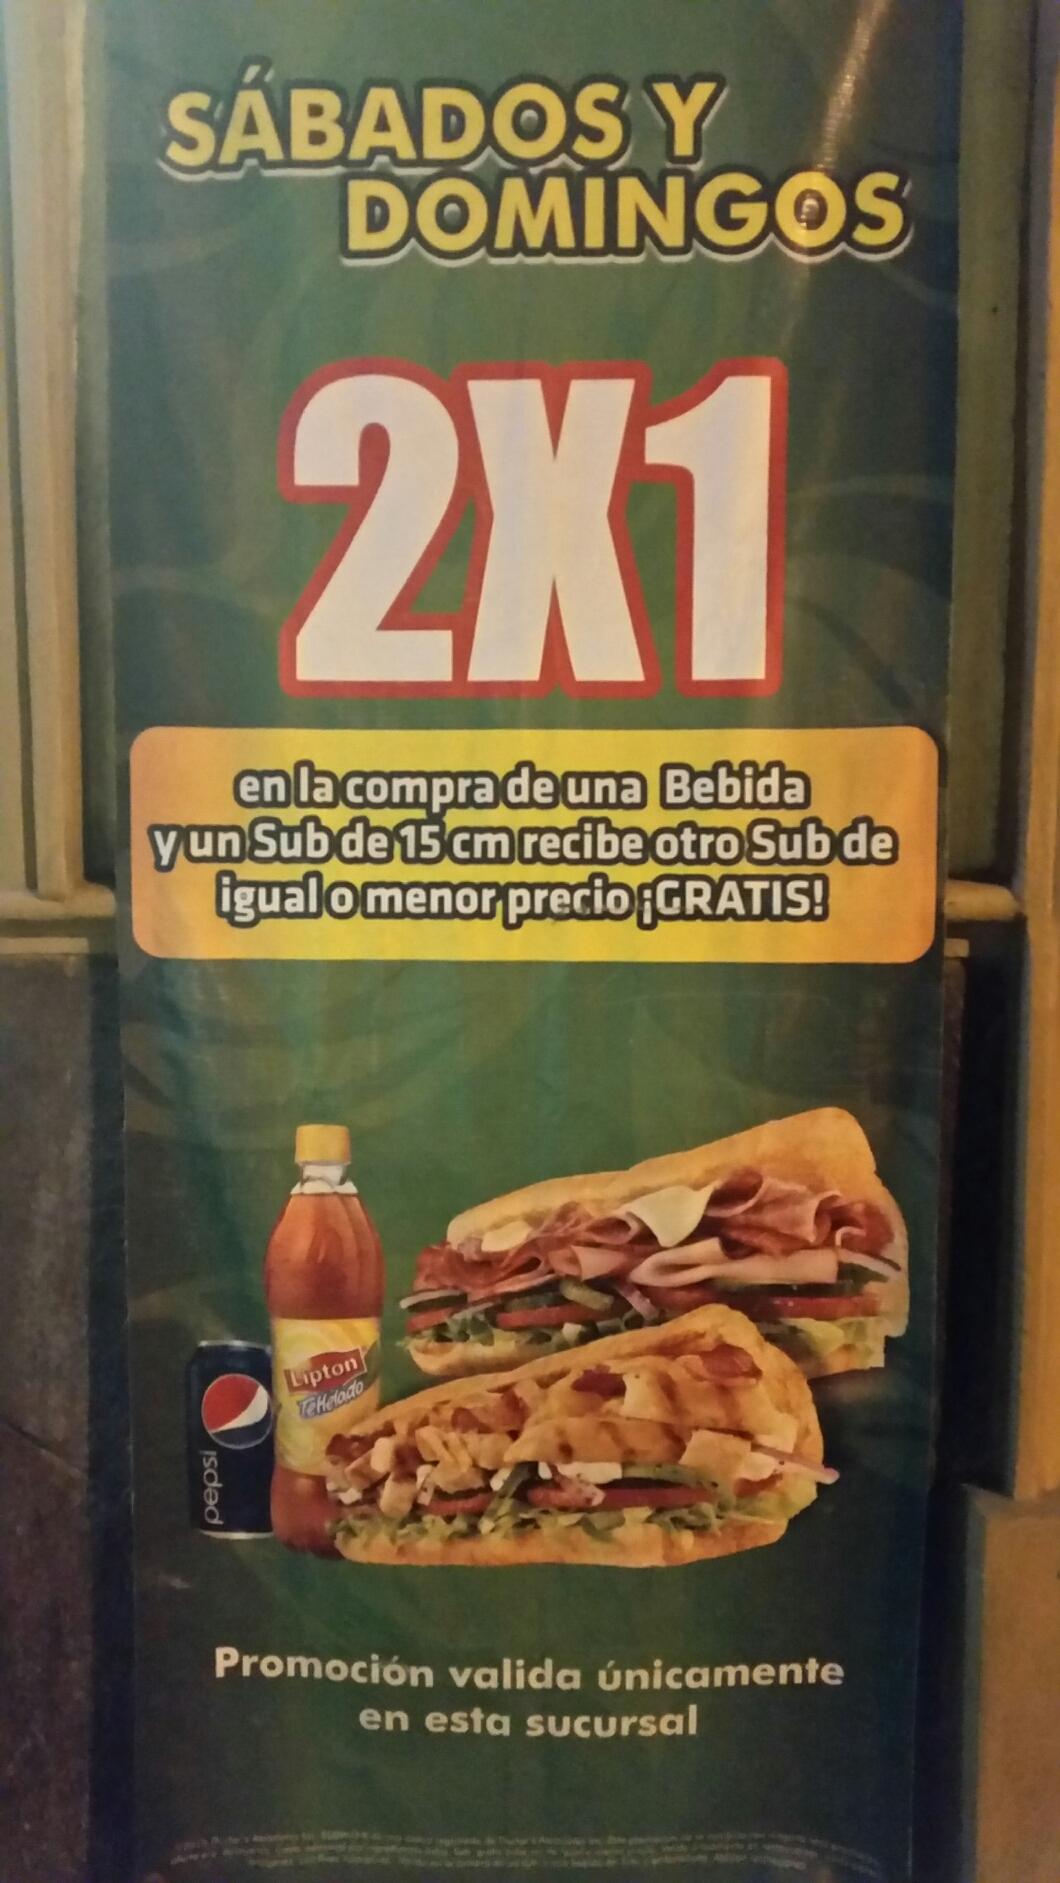 Subway: En la compra de una bebida recibe otro sub de igual o menor precio